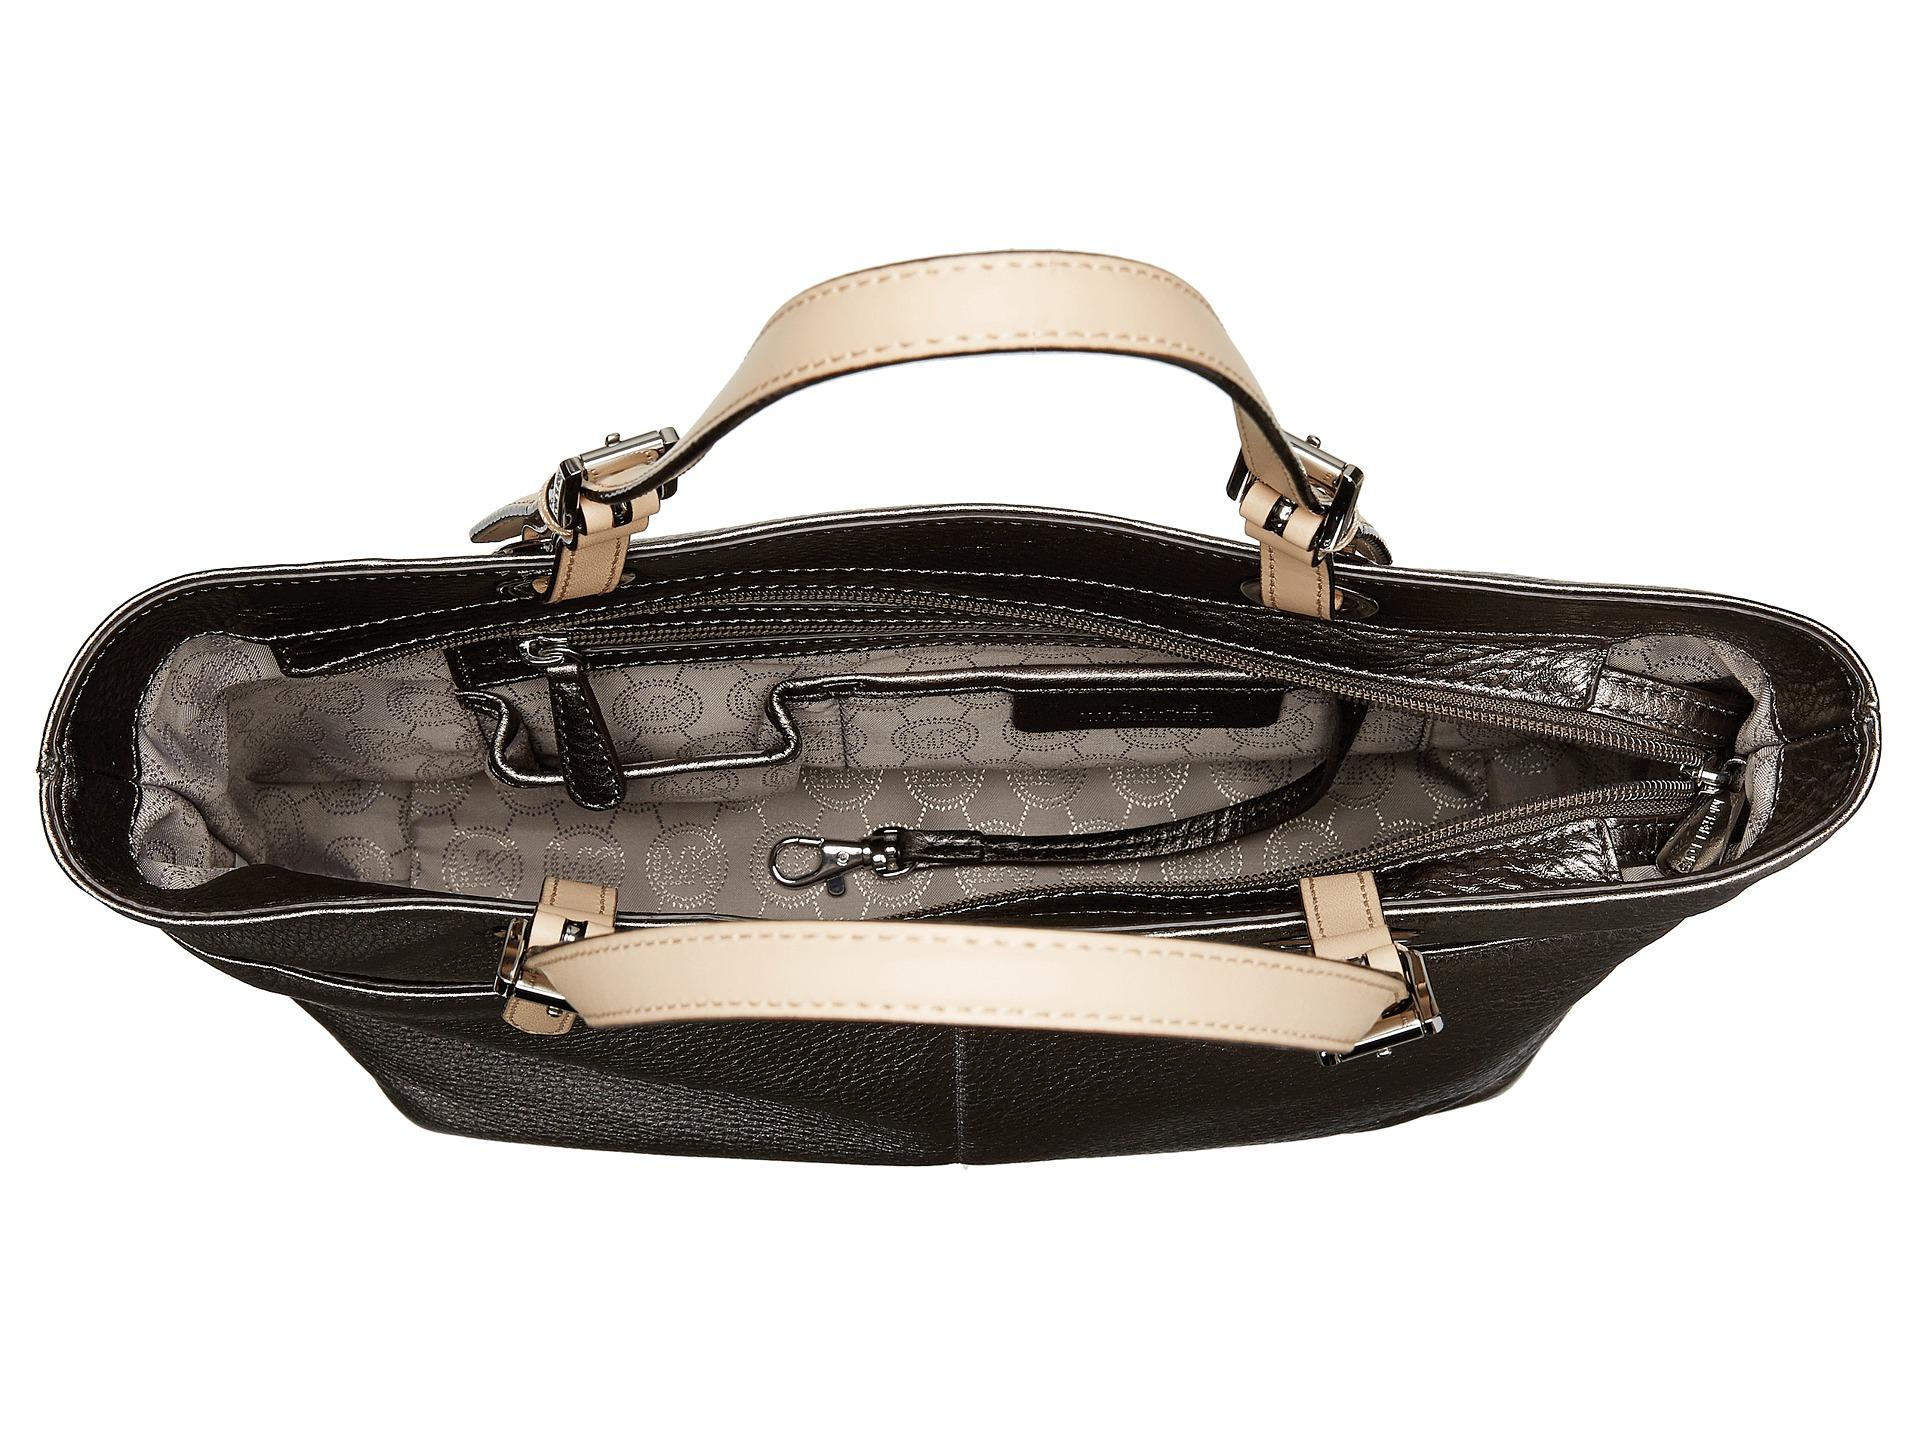 93ab6b285182ee MICHAEL Michael Kors Bedford Top Zip Pocket Tote in Metallic - Lyst